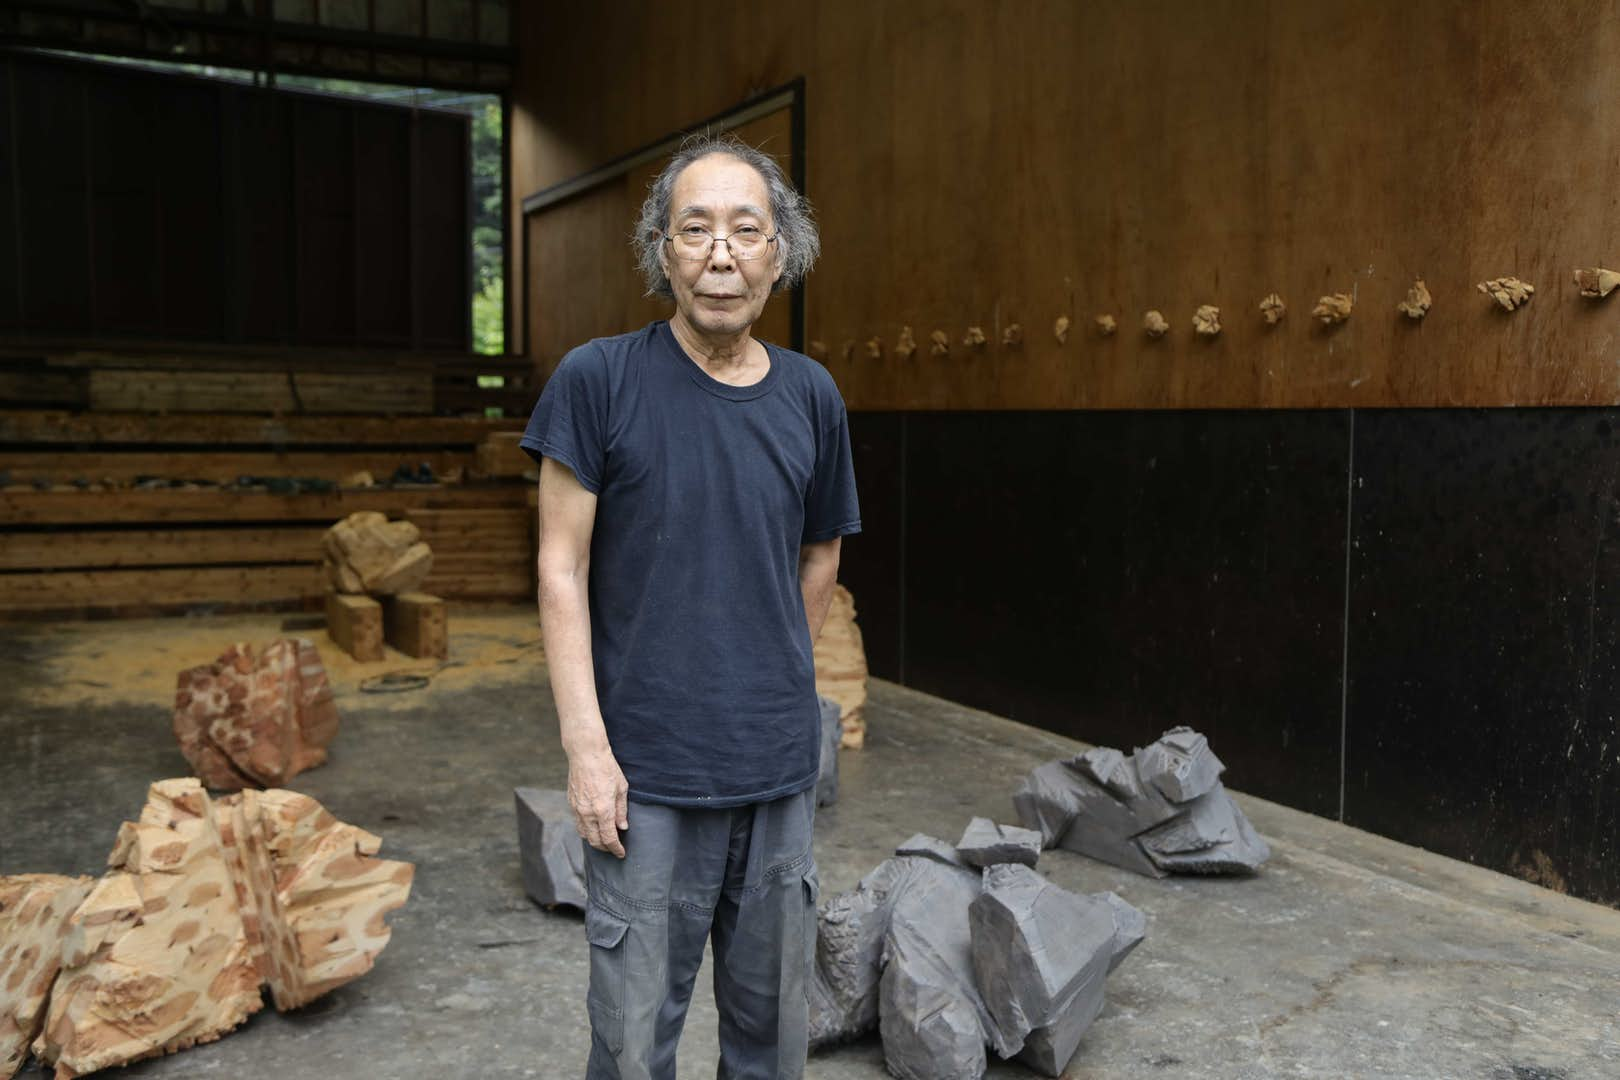 彫刻家として社会に問いかける「視線」。戸谷成雄インタビュー 美術手帖